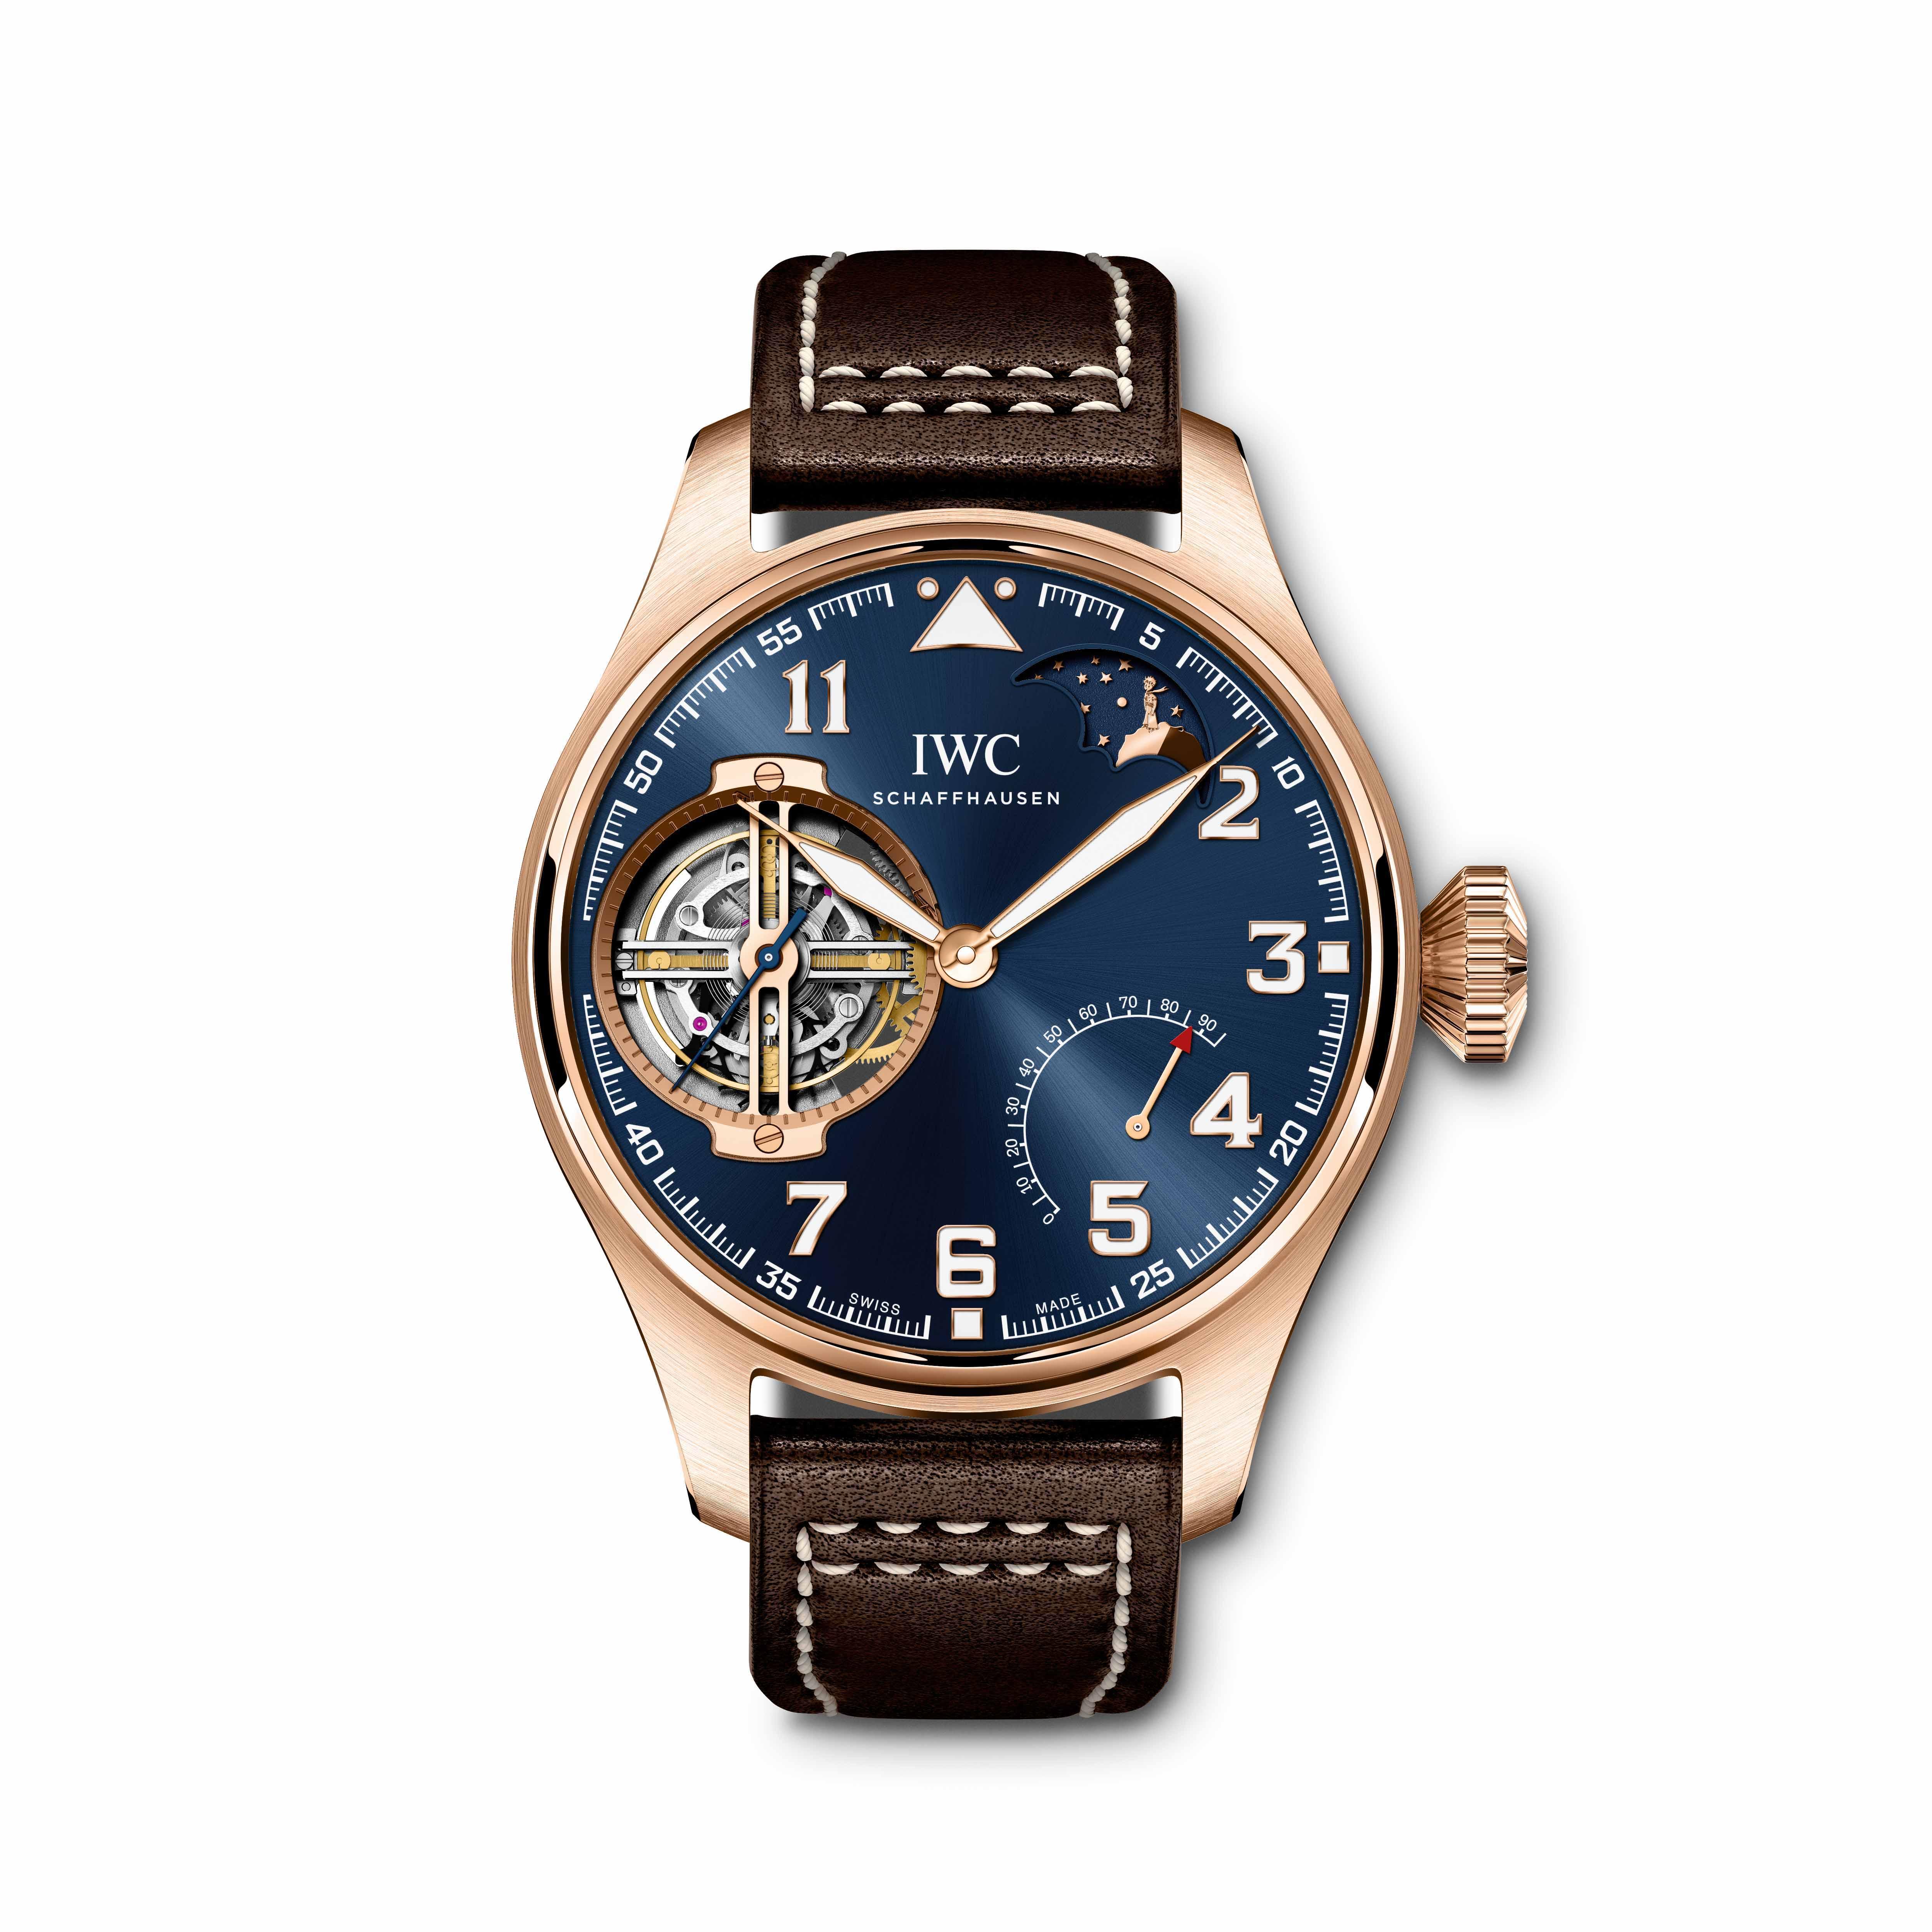 b3496db1771 Relógio de R  1 milhão e combo com expedição ao Ártico... Conheça as ...